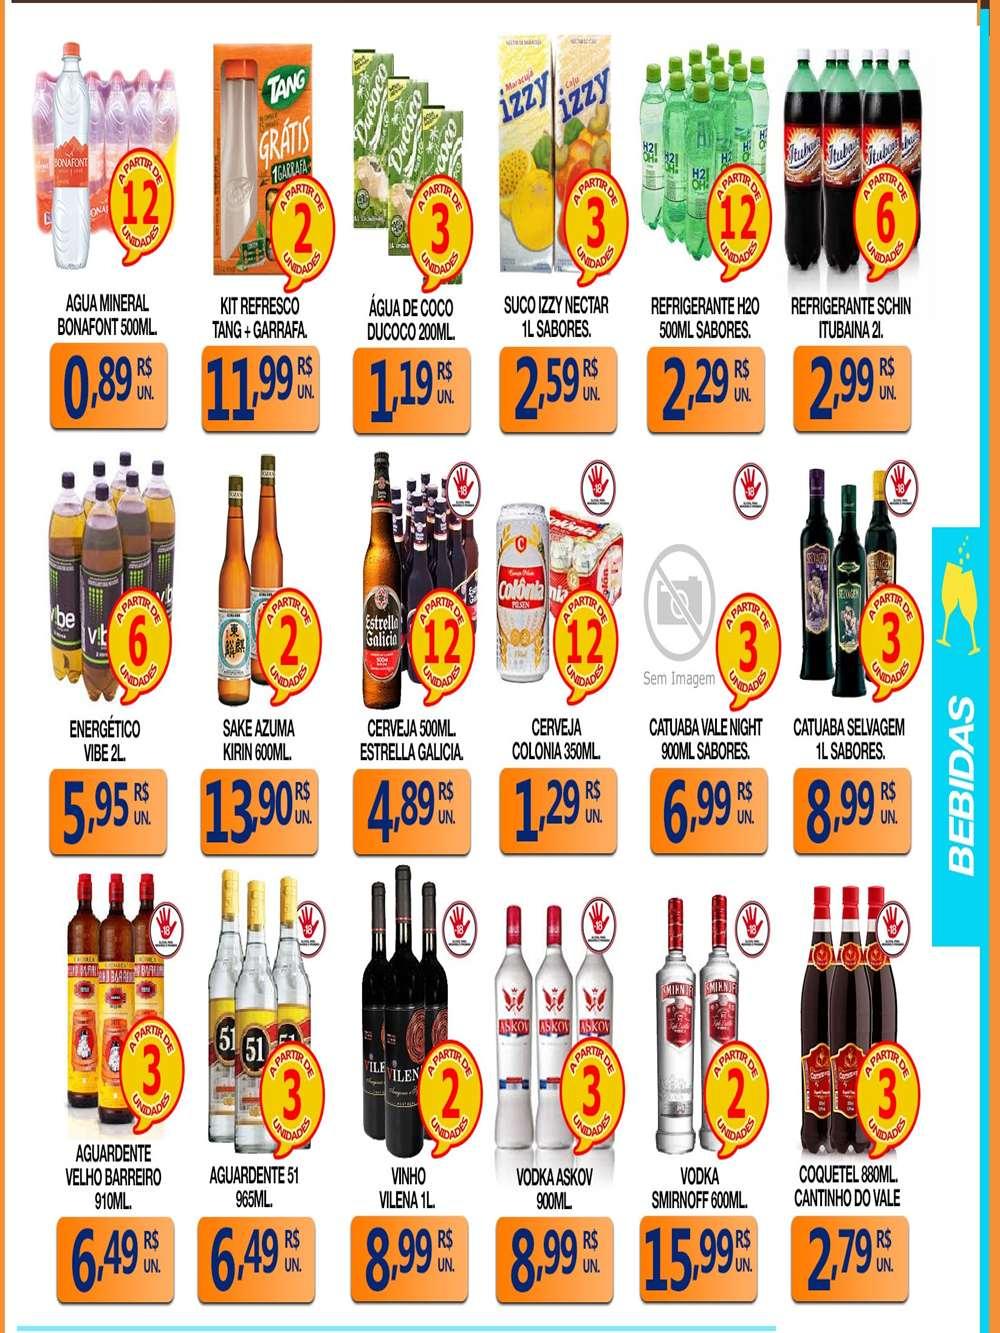 Ofertas-mercadao4-2 Mercadão até 27/05